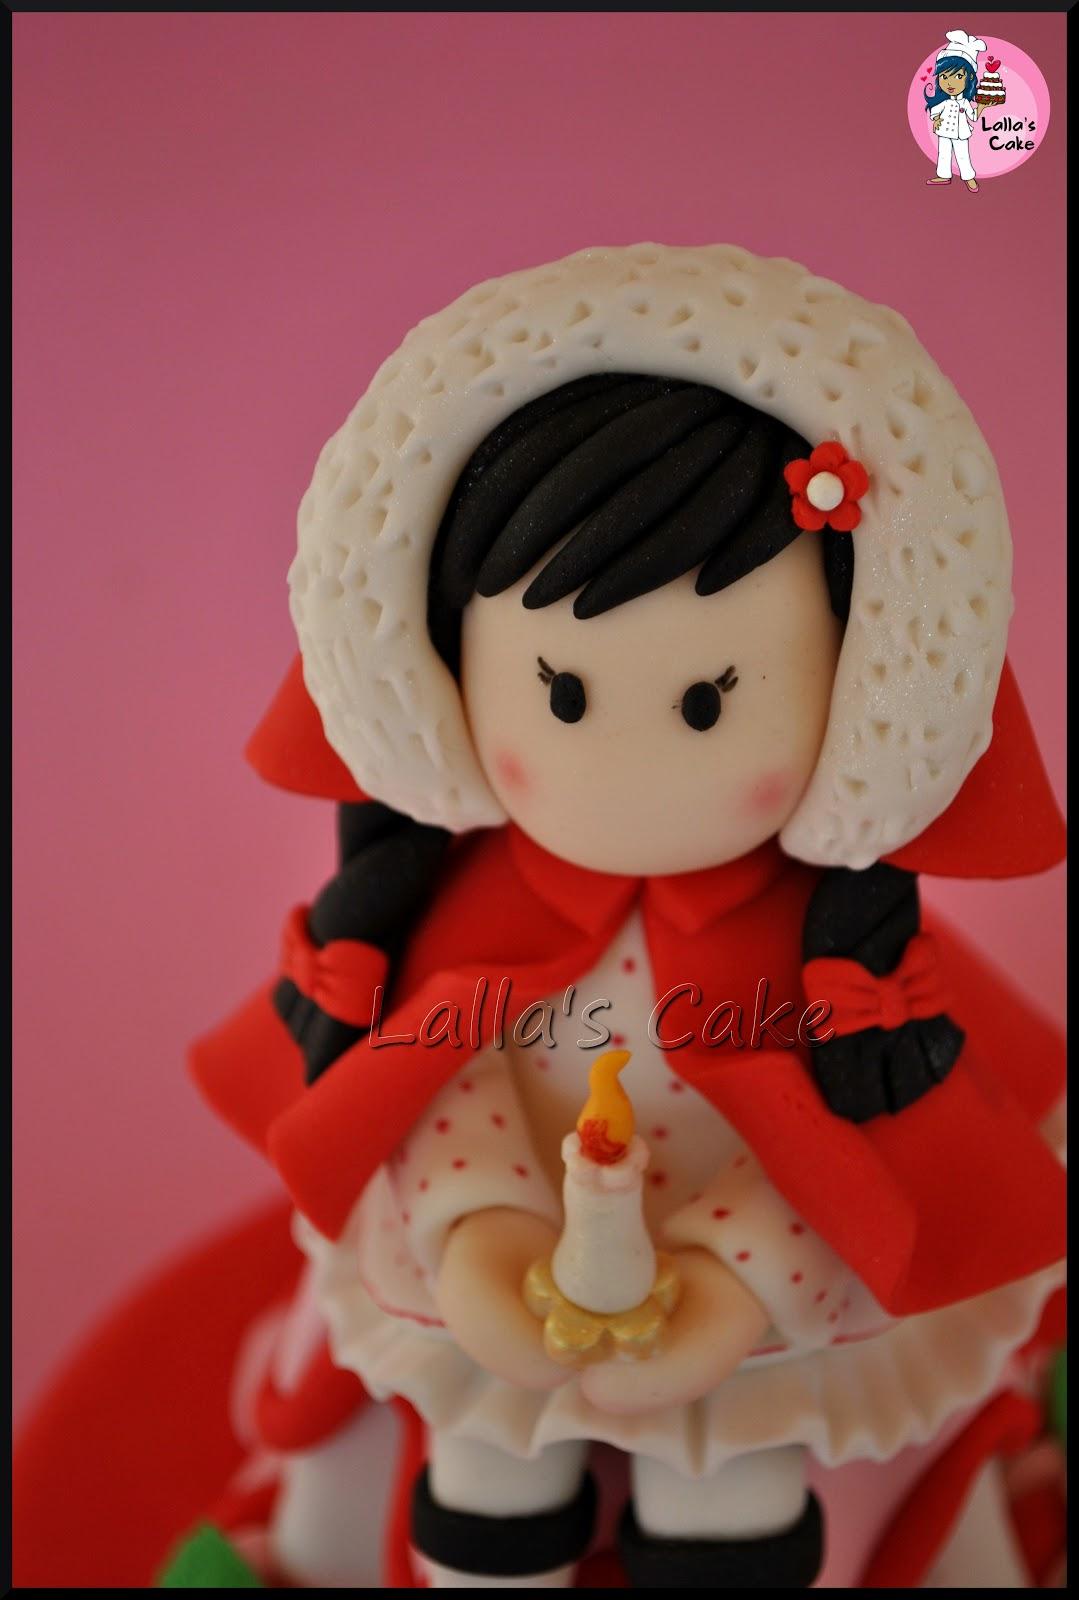 Corso Pasticceria E Cake Design Roma : Corso di Sugar Art: ROMA, sabato 10 dicembre 2011 Lalla ...